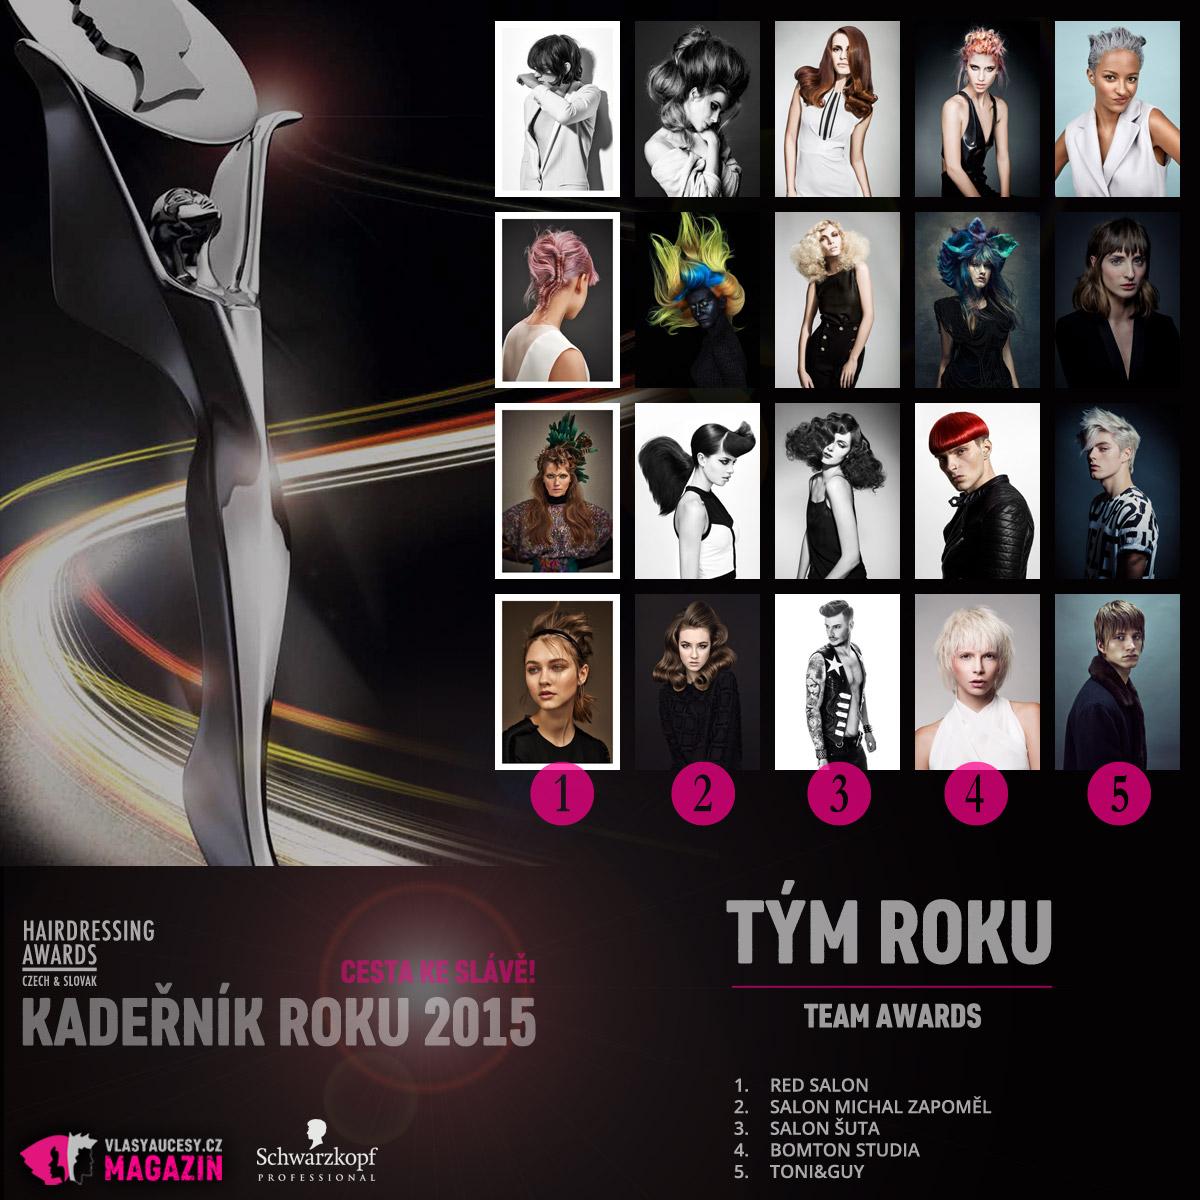 Kadeřník roku 2015 – kategorie Tým roku / Team Awards (RED Salon, Salon Michal Zapoměl, Salon ŠUTA, Bomton Studia, Toni&Guy).